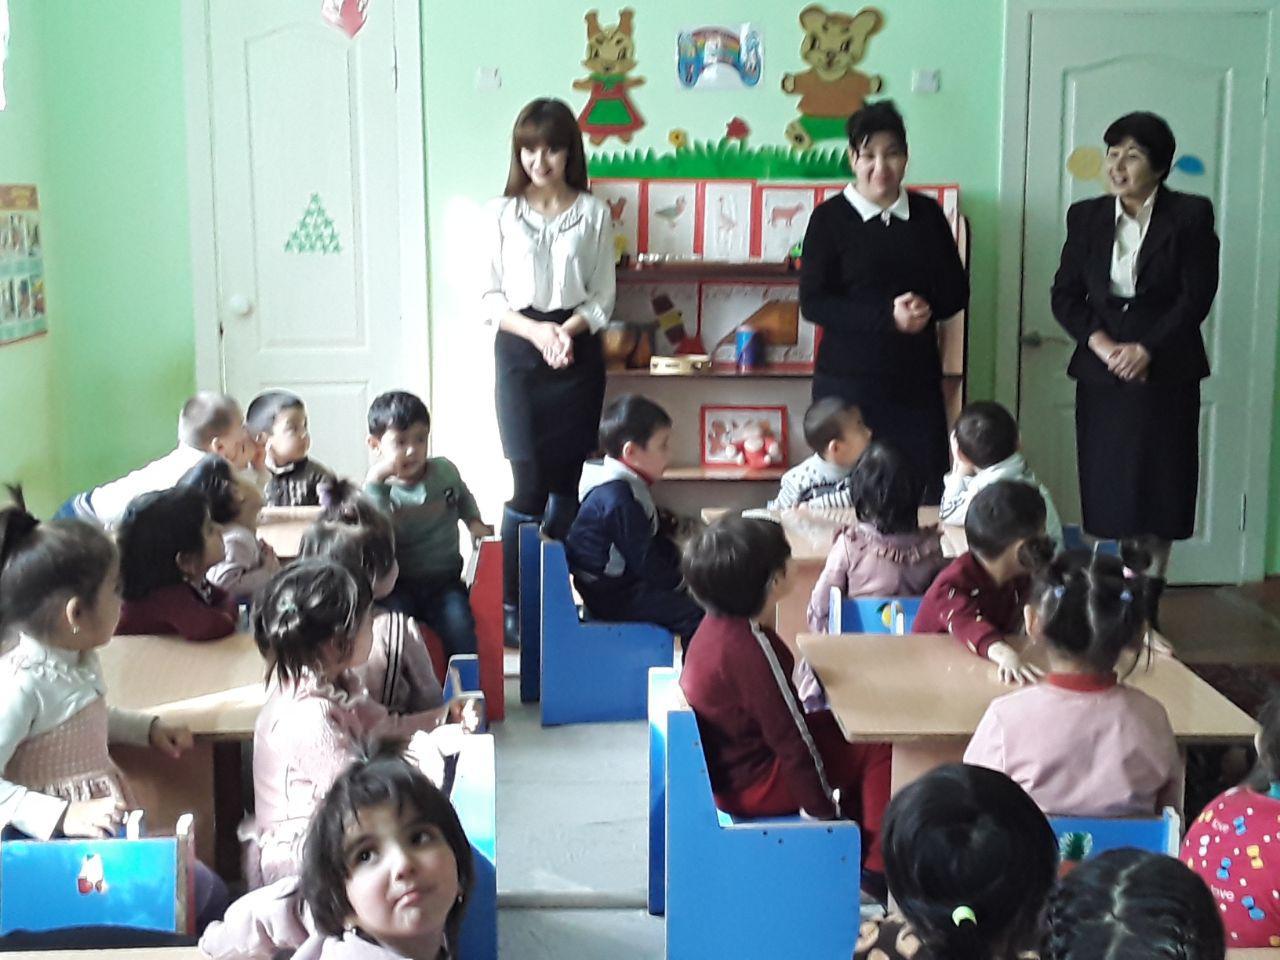 20 февраля 2020 года доцент кафедры «Методы дошкольного образования» Г. Ещанова провела мастер-класс для учителей 5-й дошкольной образовательной орган